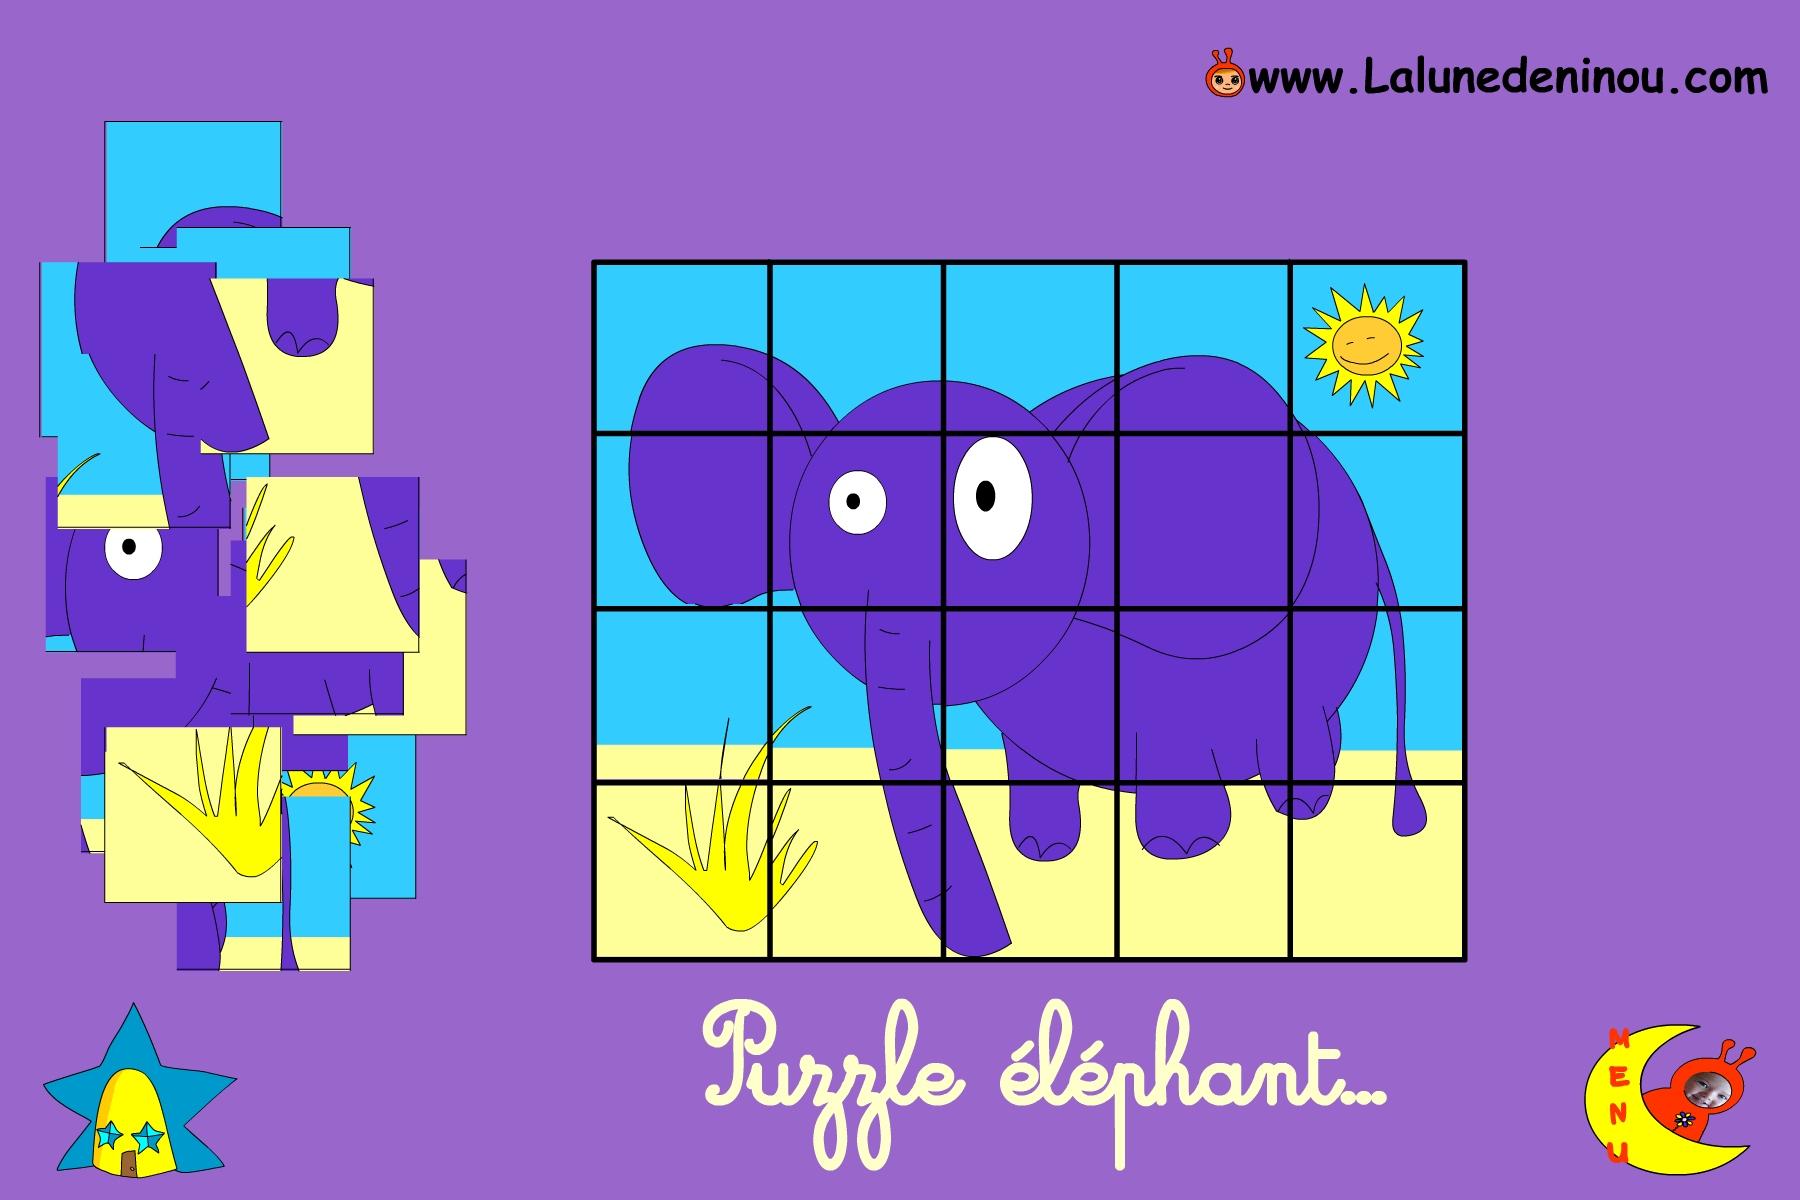 Puzzle En Ligne Pour Enfant De Maternelle - Lalunedeninou avec Puzzle Enfant En Ligne